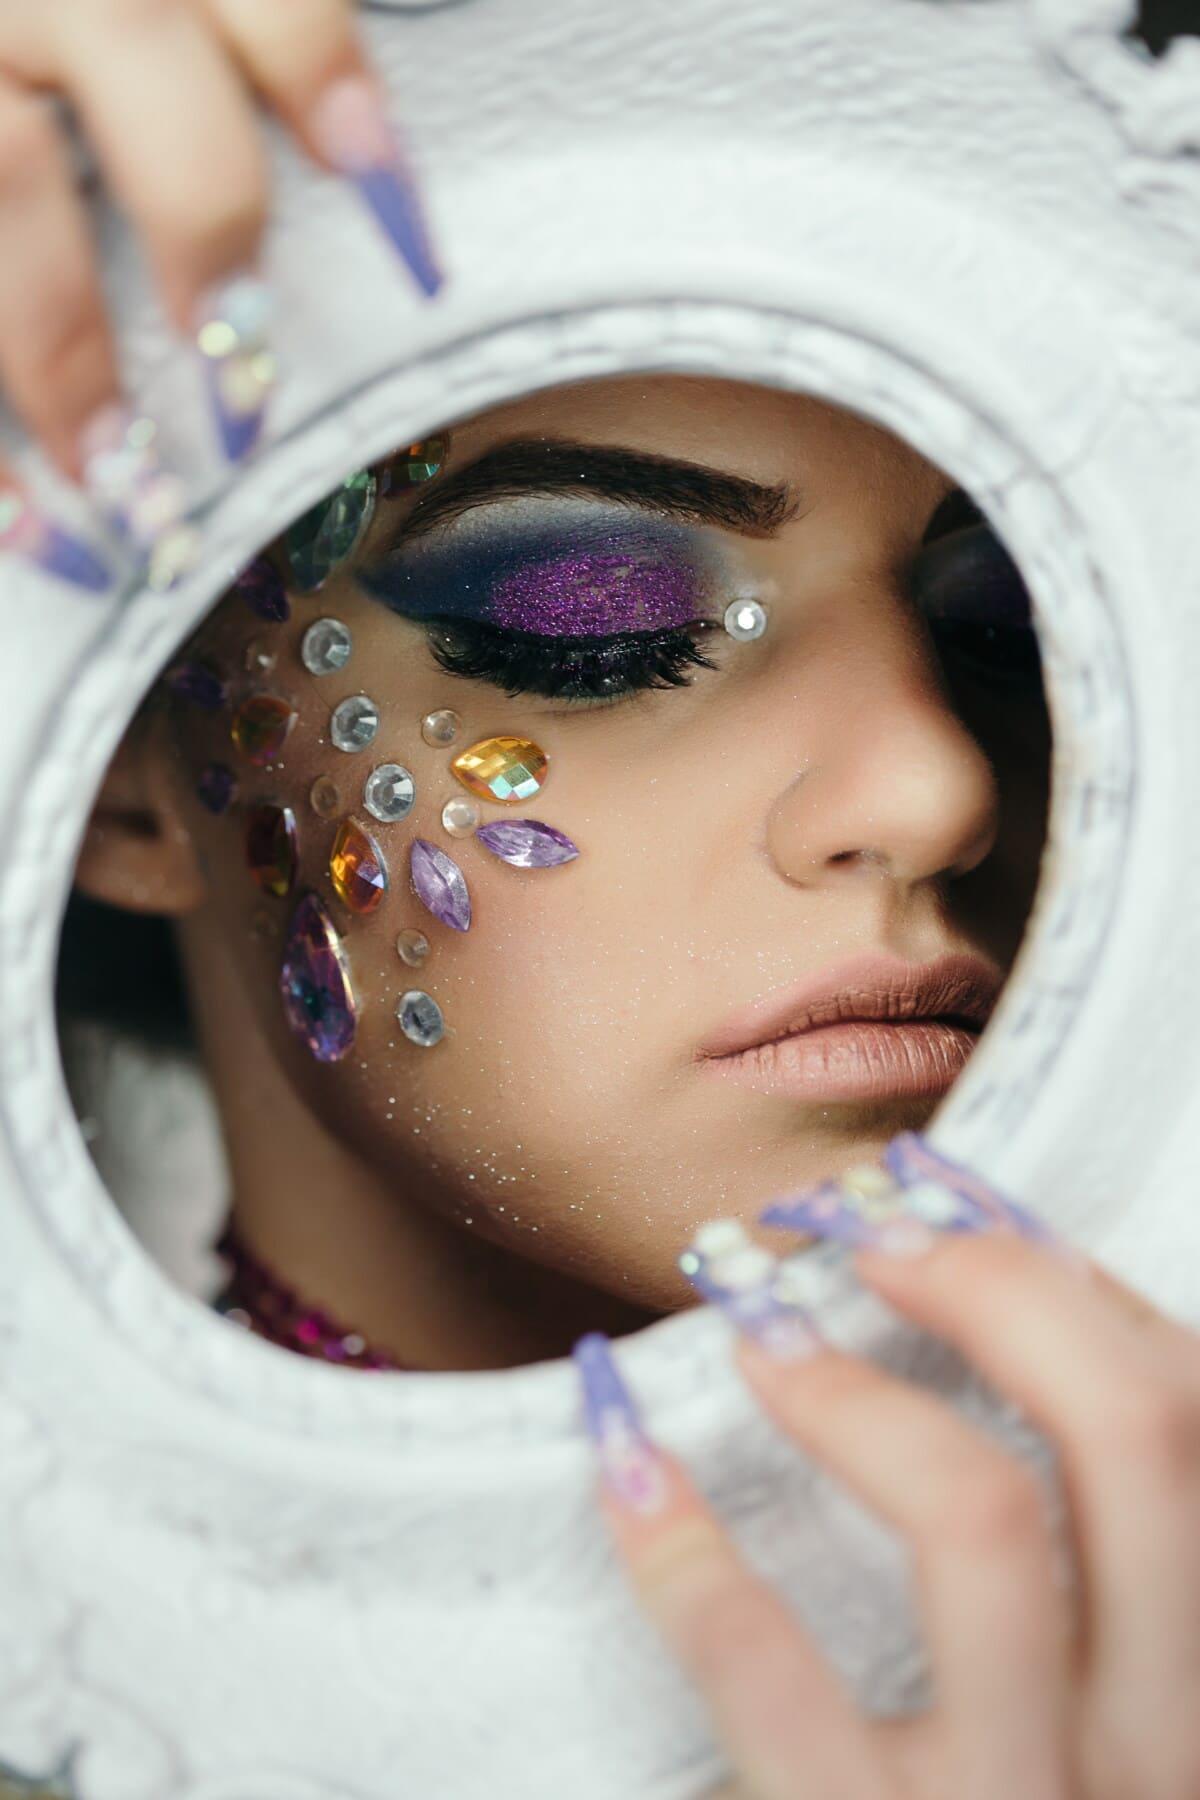 œil, cils, produits de beauté, maquillage, peau, bijou, bijoux, mode, lèvres, fermer